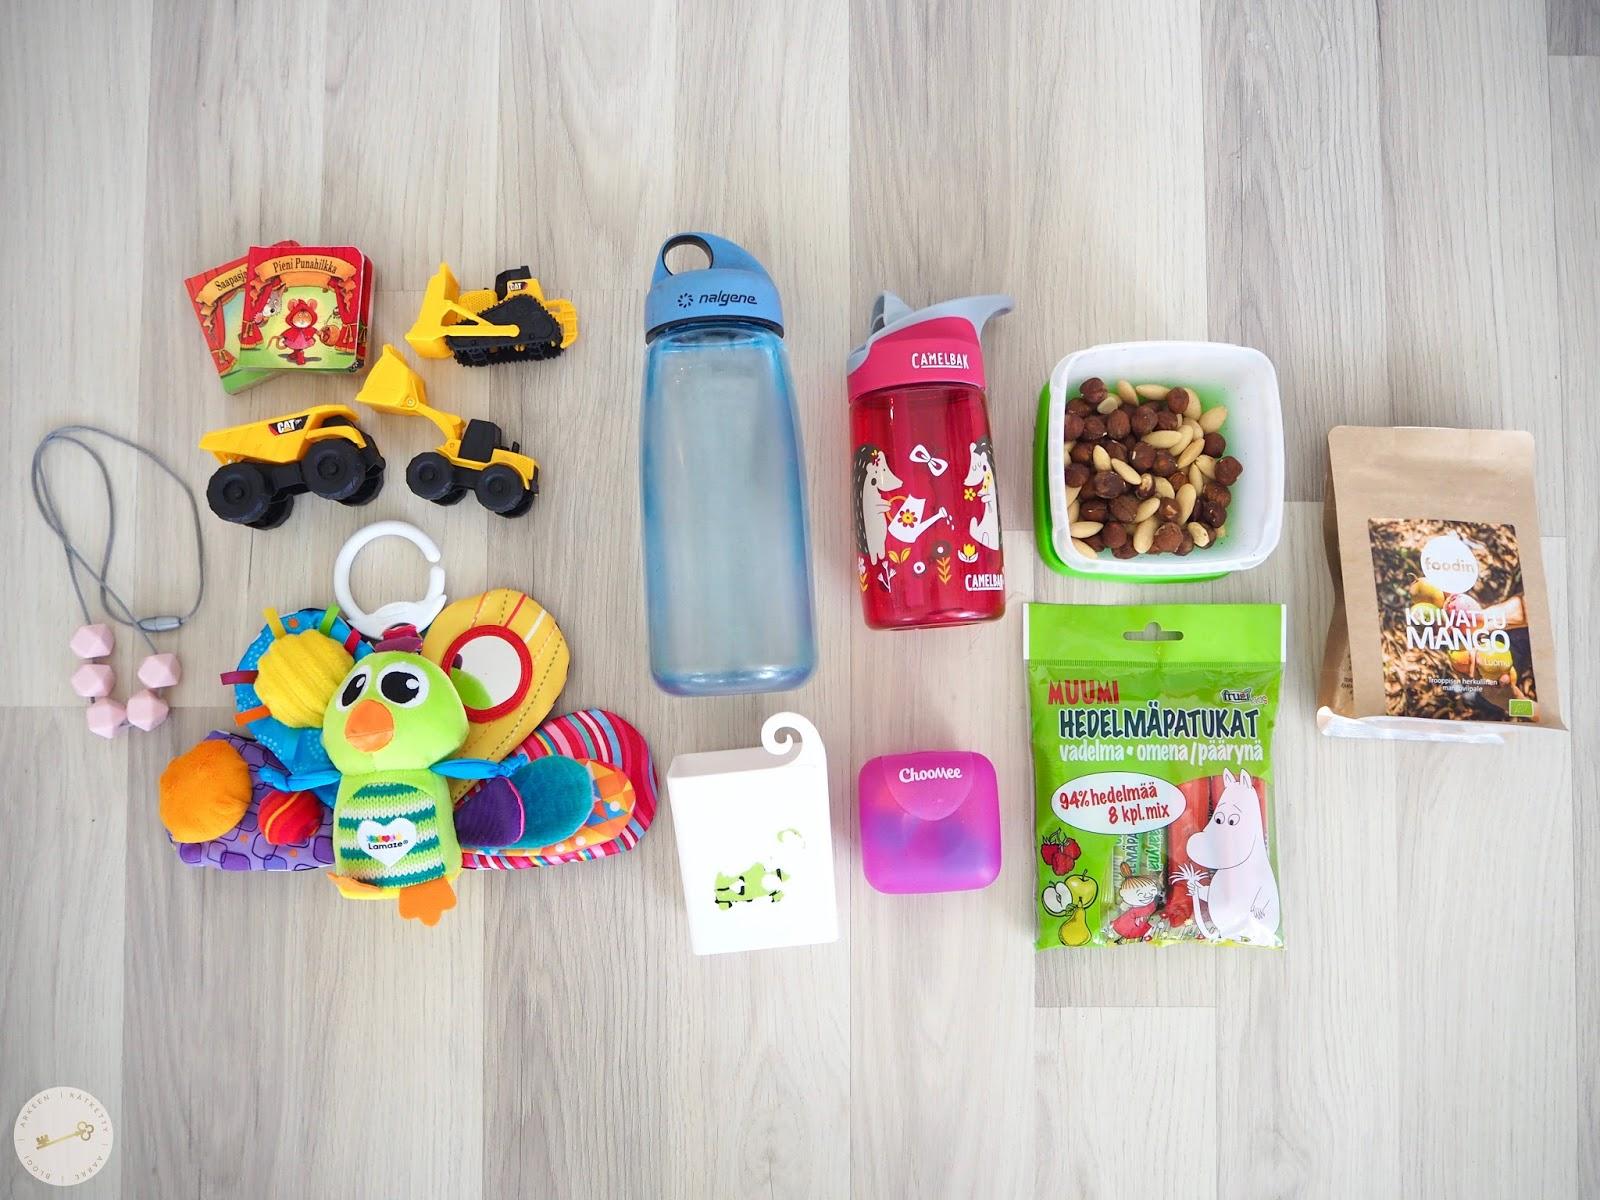 Viihdykettä lapsille, kuten leluja ja kirjoja, imetyskoru, välipaloja ja juomapullot